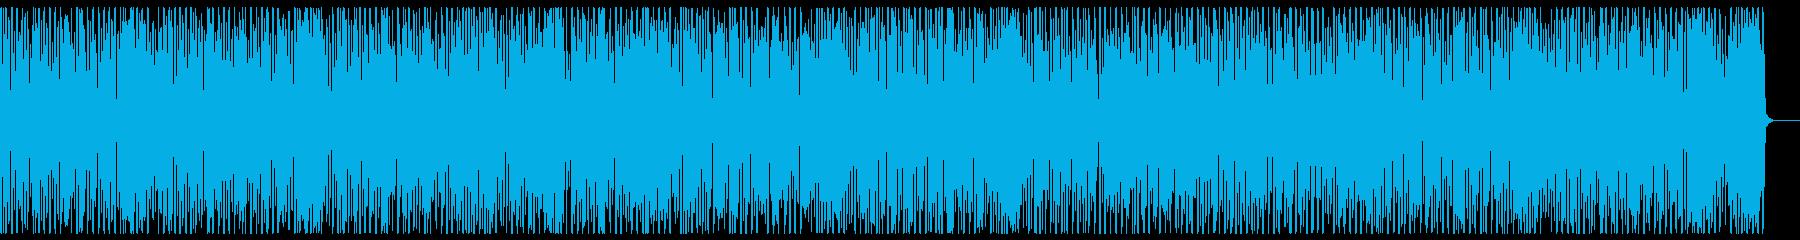 かっこいい×レトロ感 エレクトロスイングの再生済みの波形